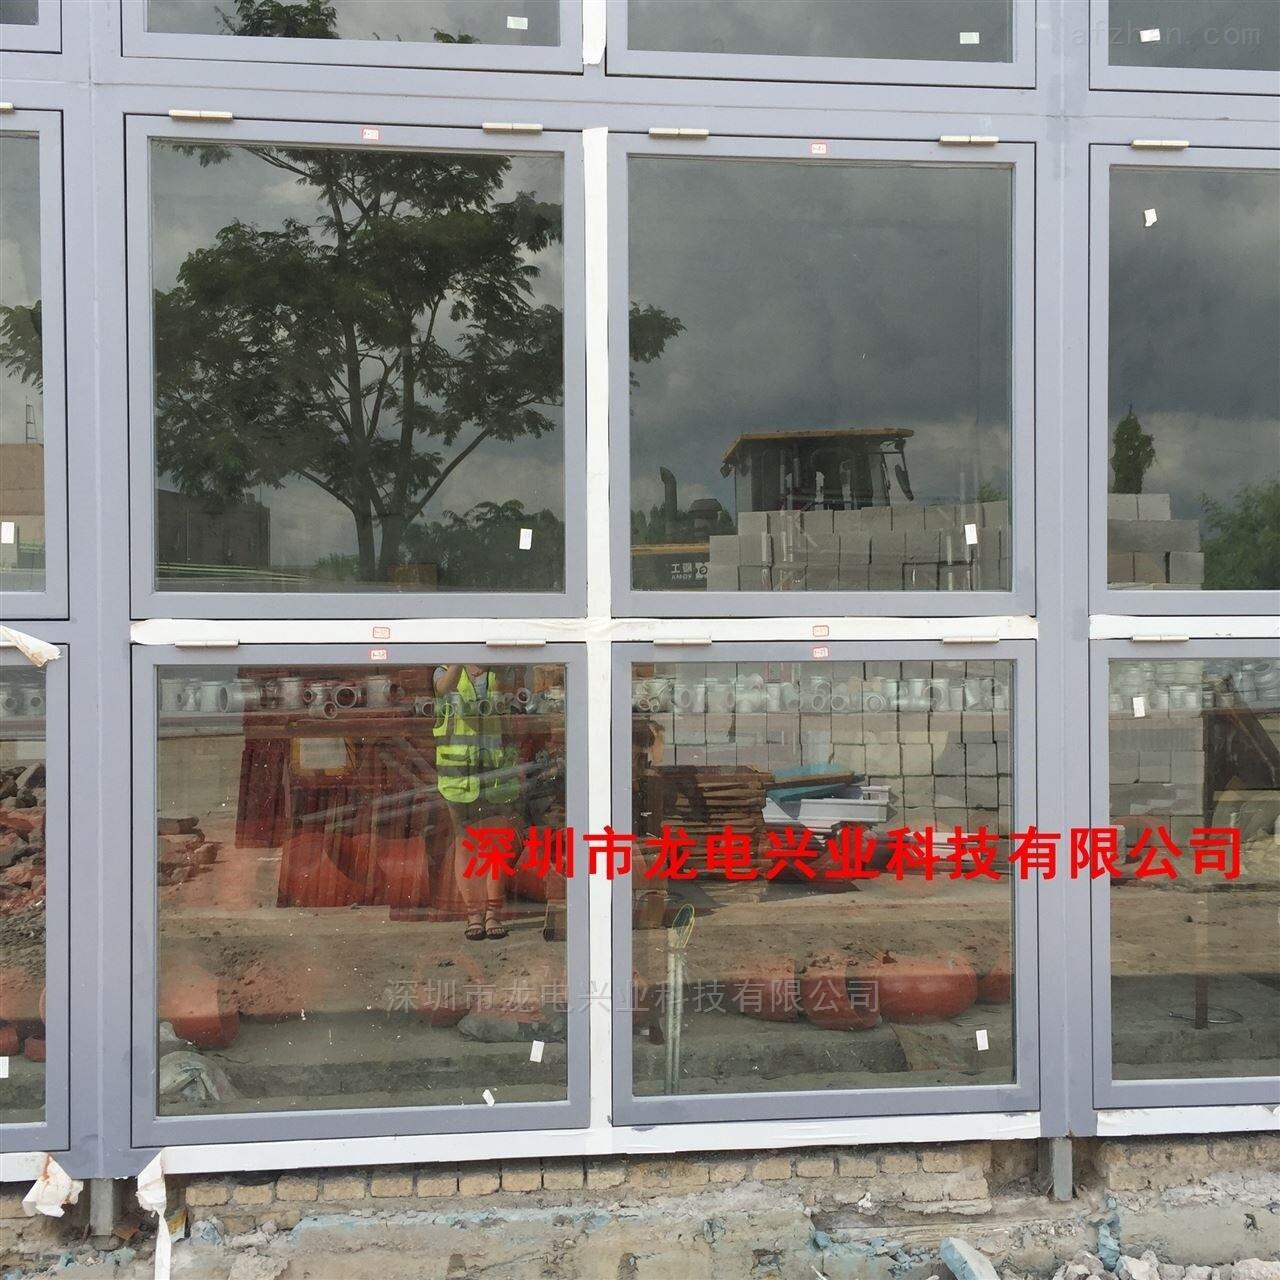 高品质泄爆窗直销 材质尺寸可定制 欢迎订做